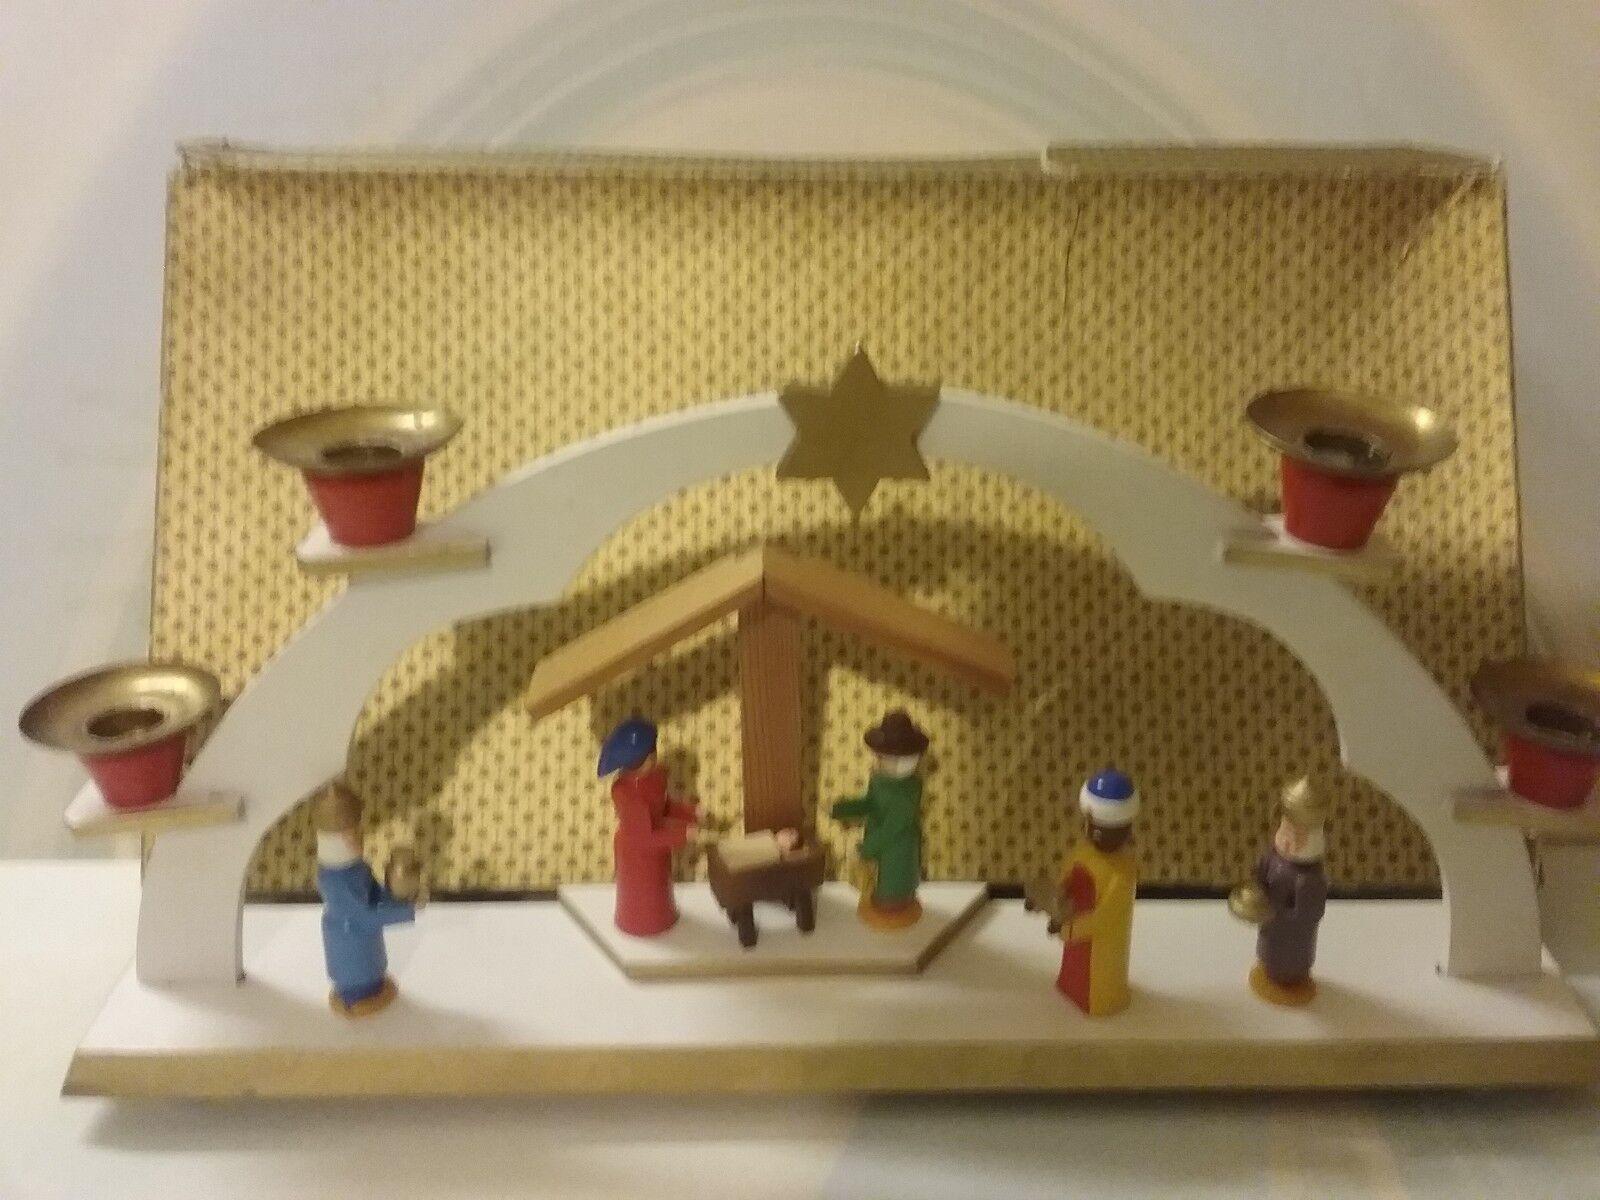 DREGENO Schwibbogen Krippe original Handarbeit Holz DDR Erzgebirge Weihnachten